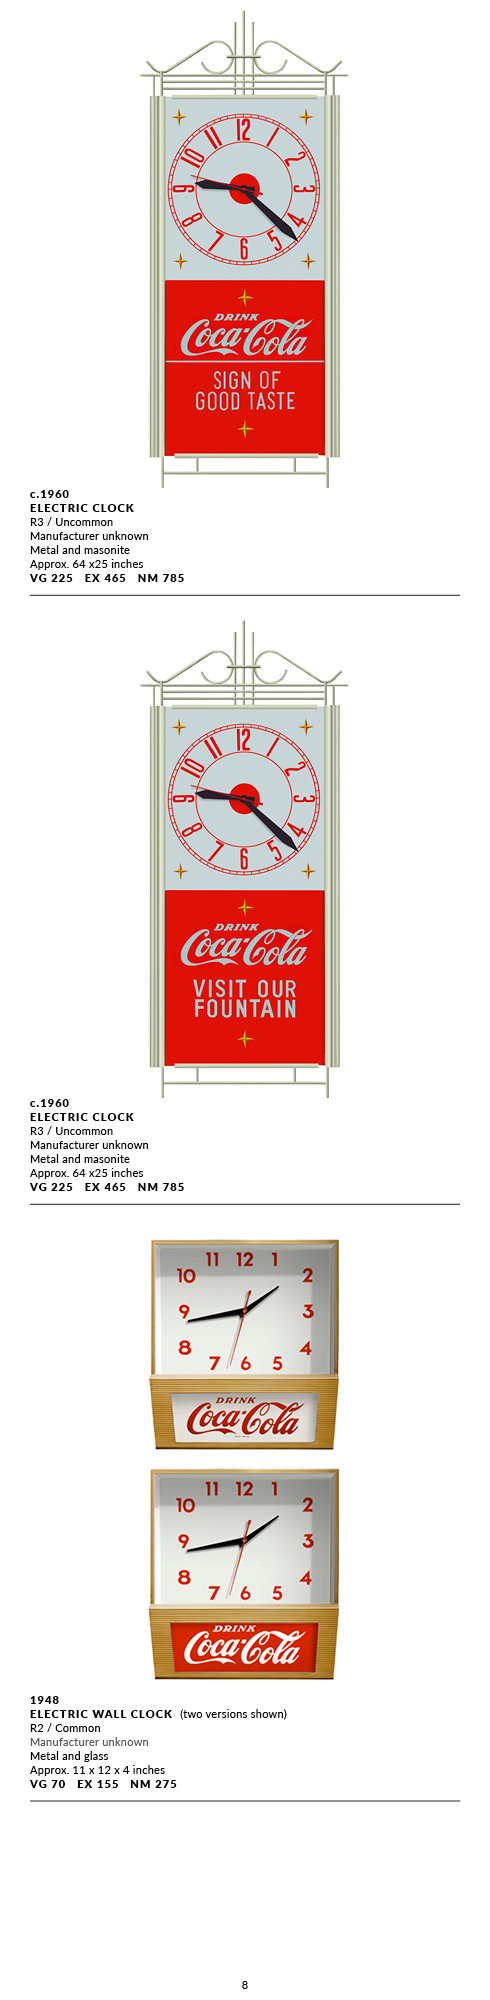 Clocks8.jpg